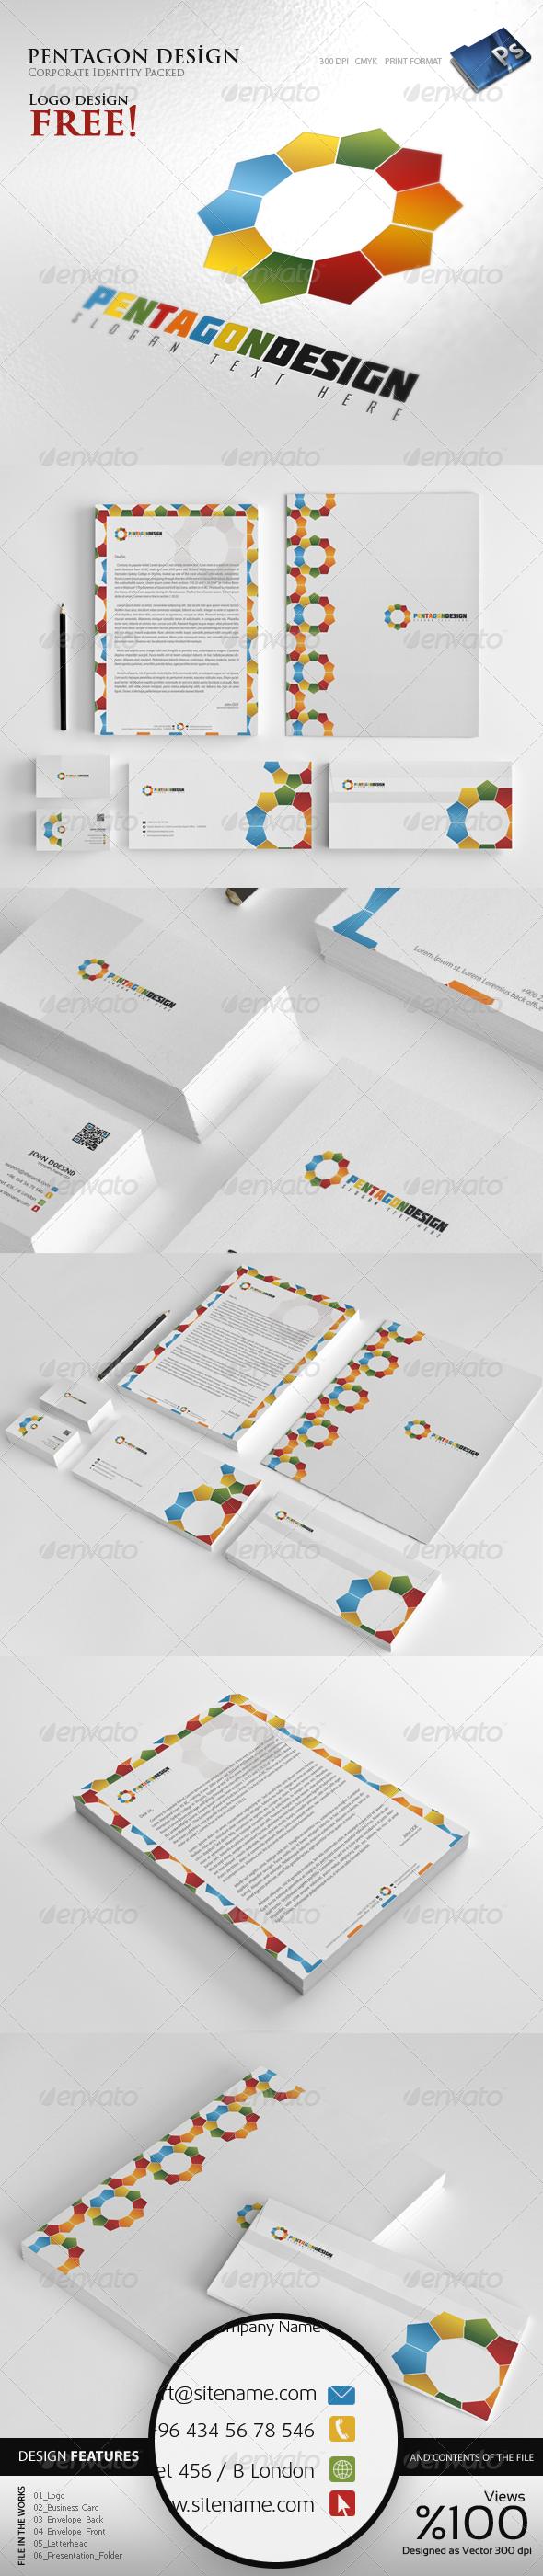 GraphicRiver Pentagon Design Corporate identity 4211362